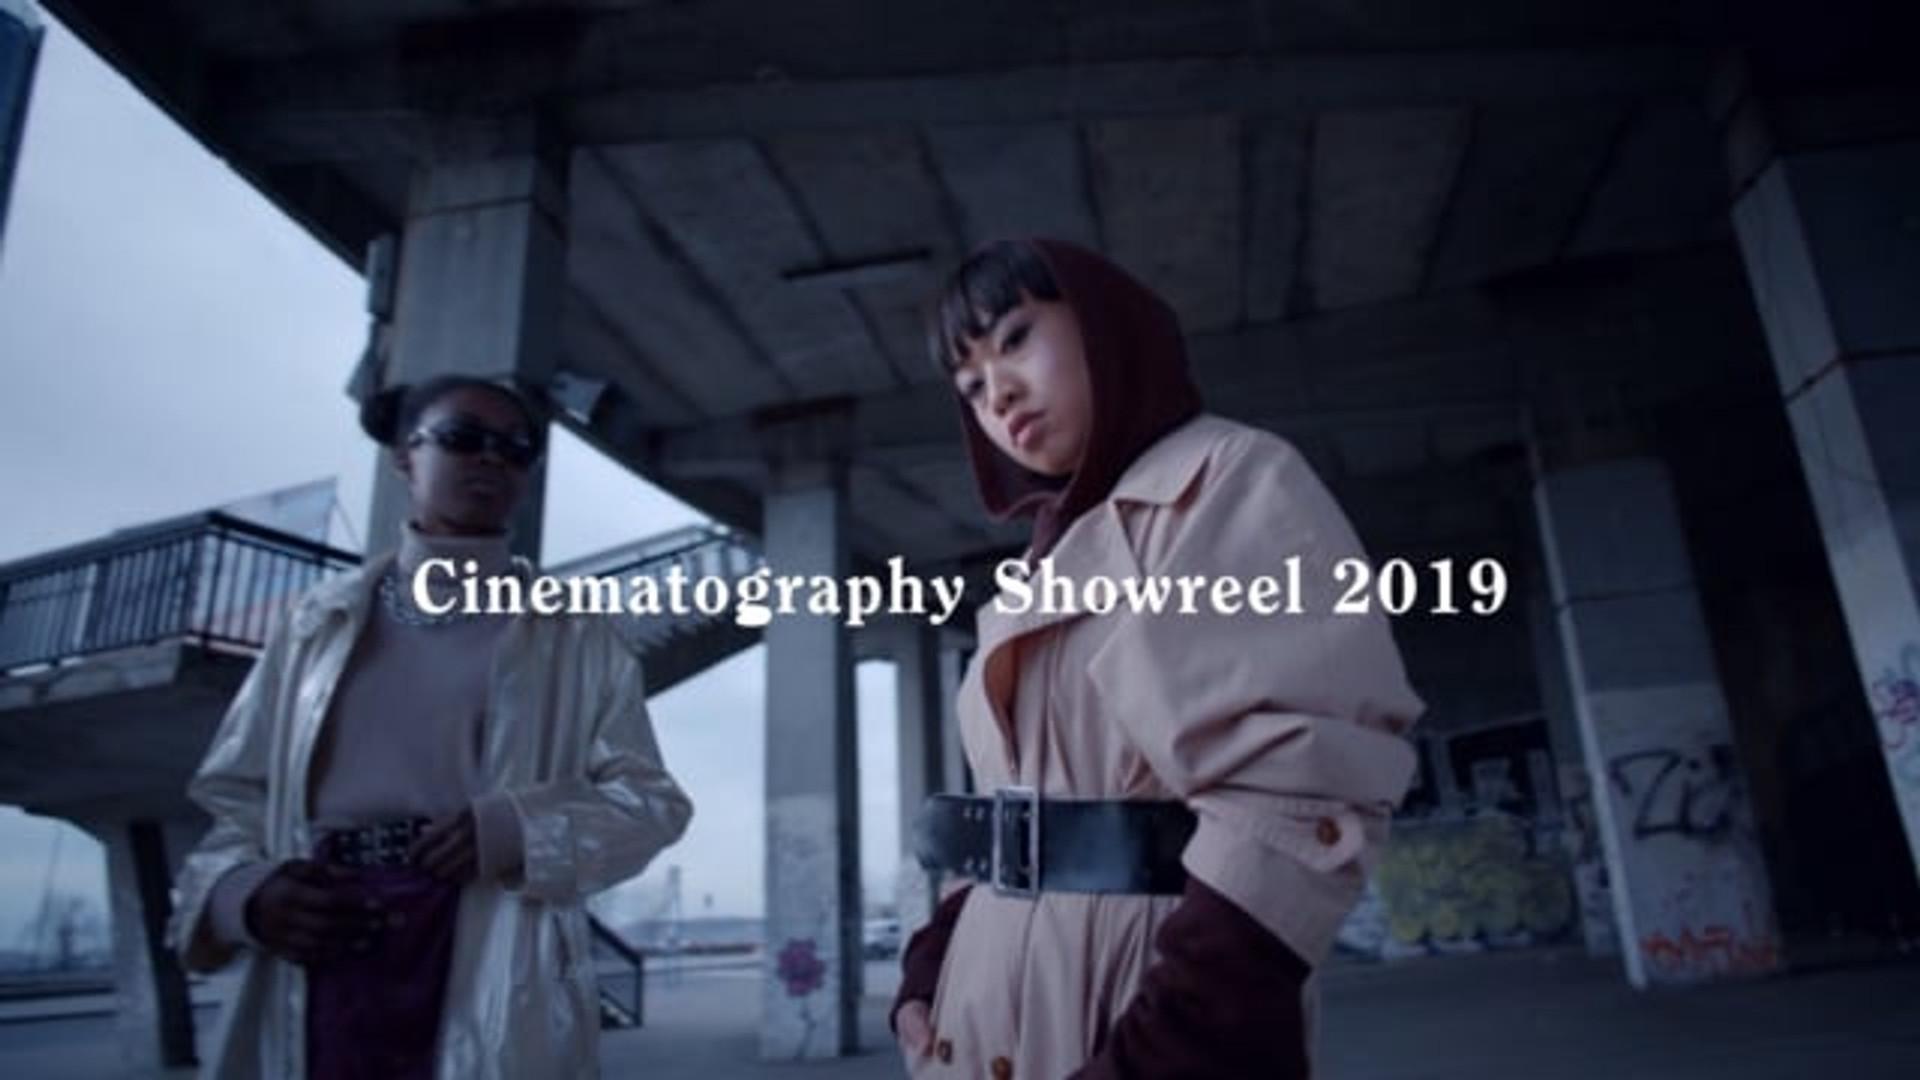 Cinematography Showreel 2019